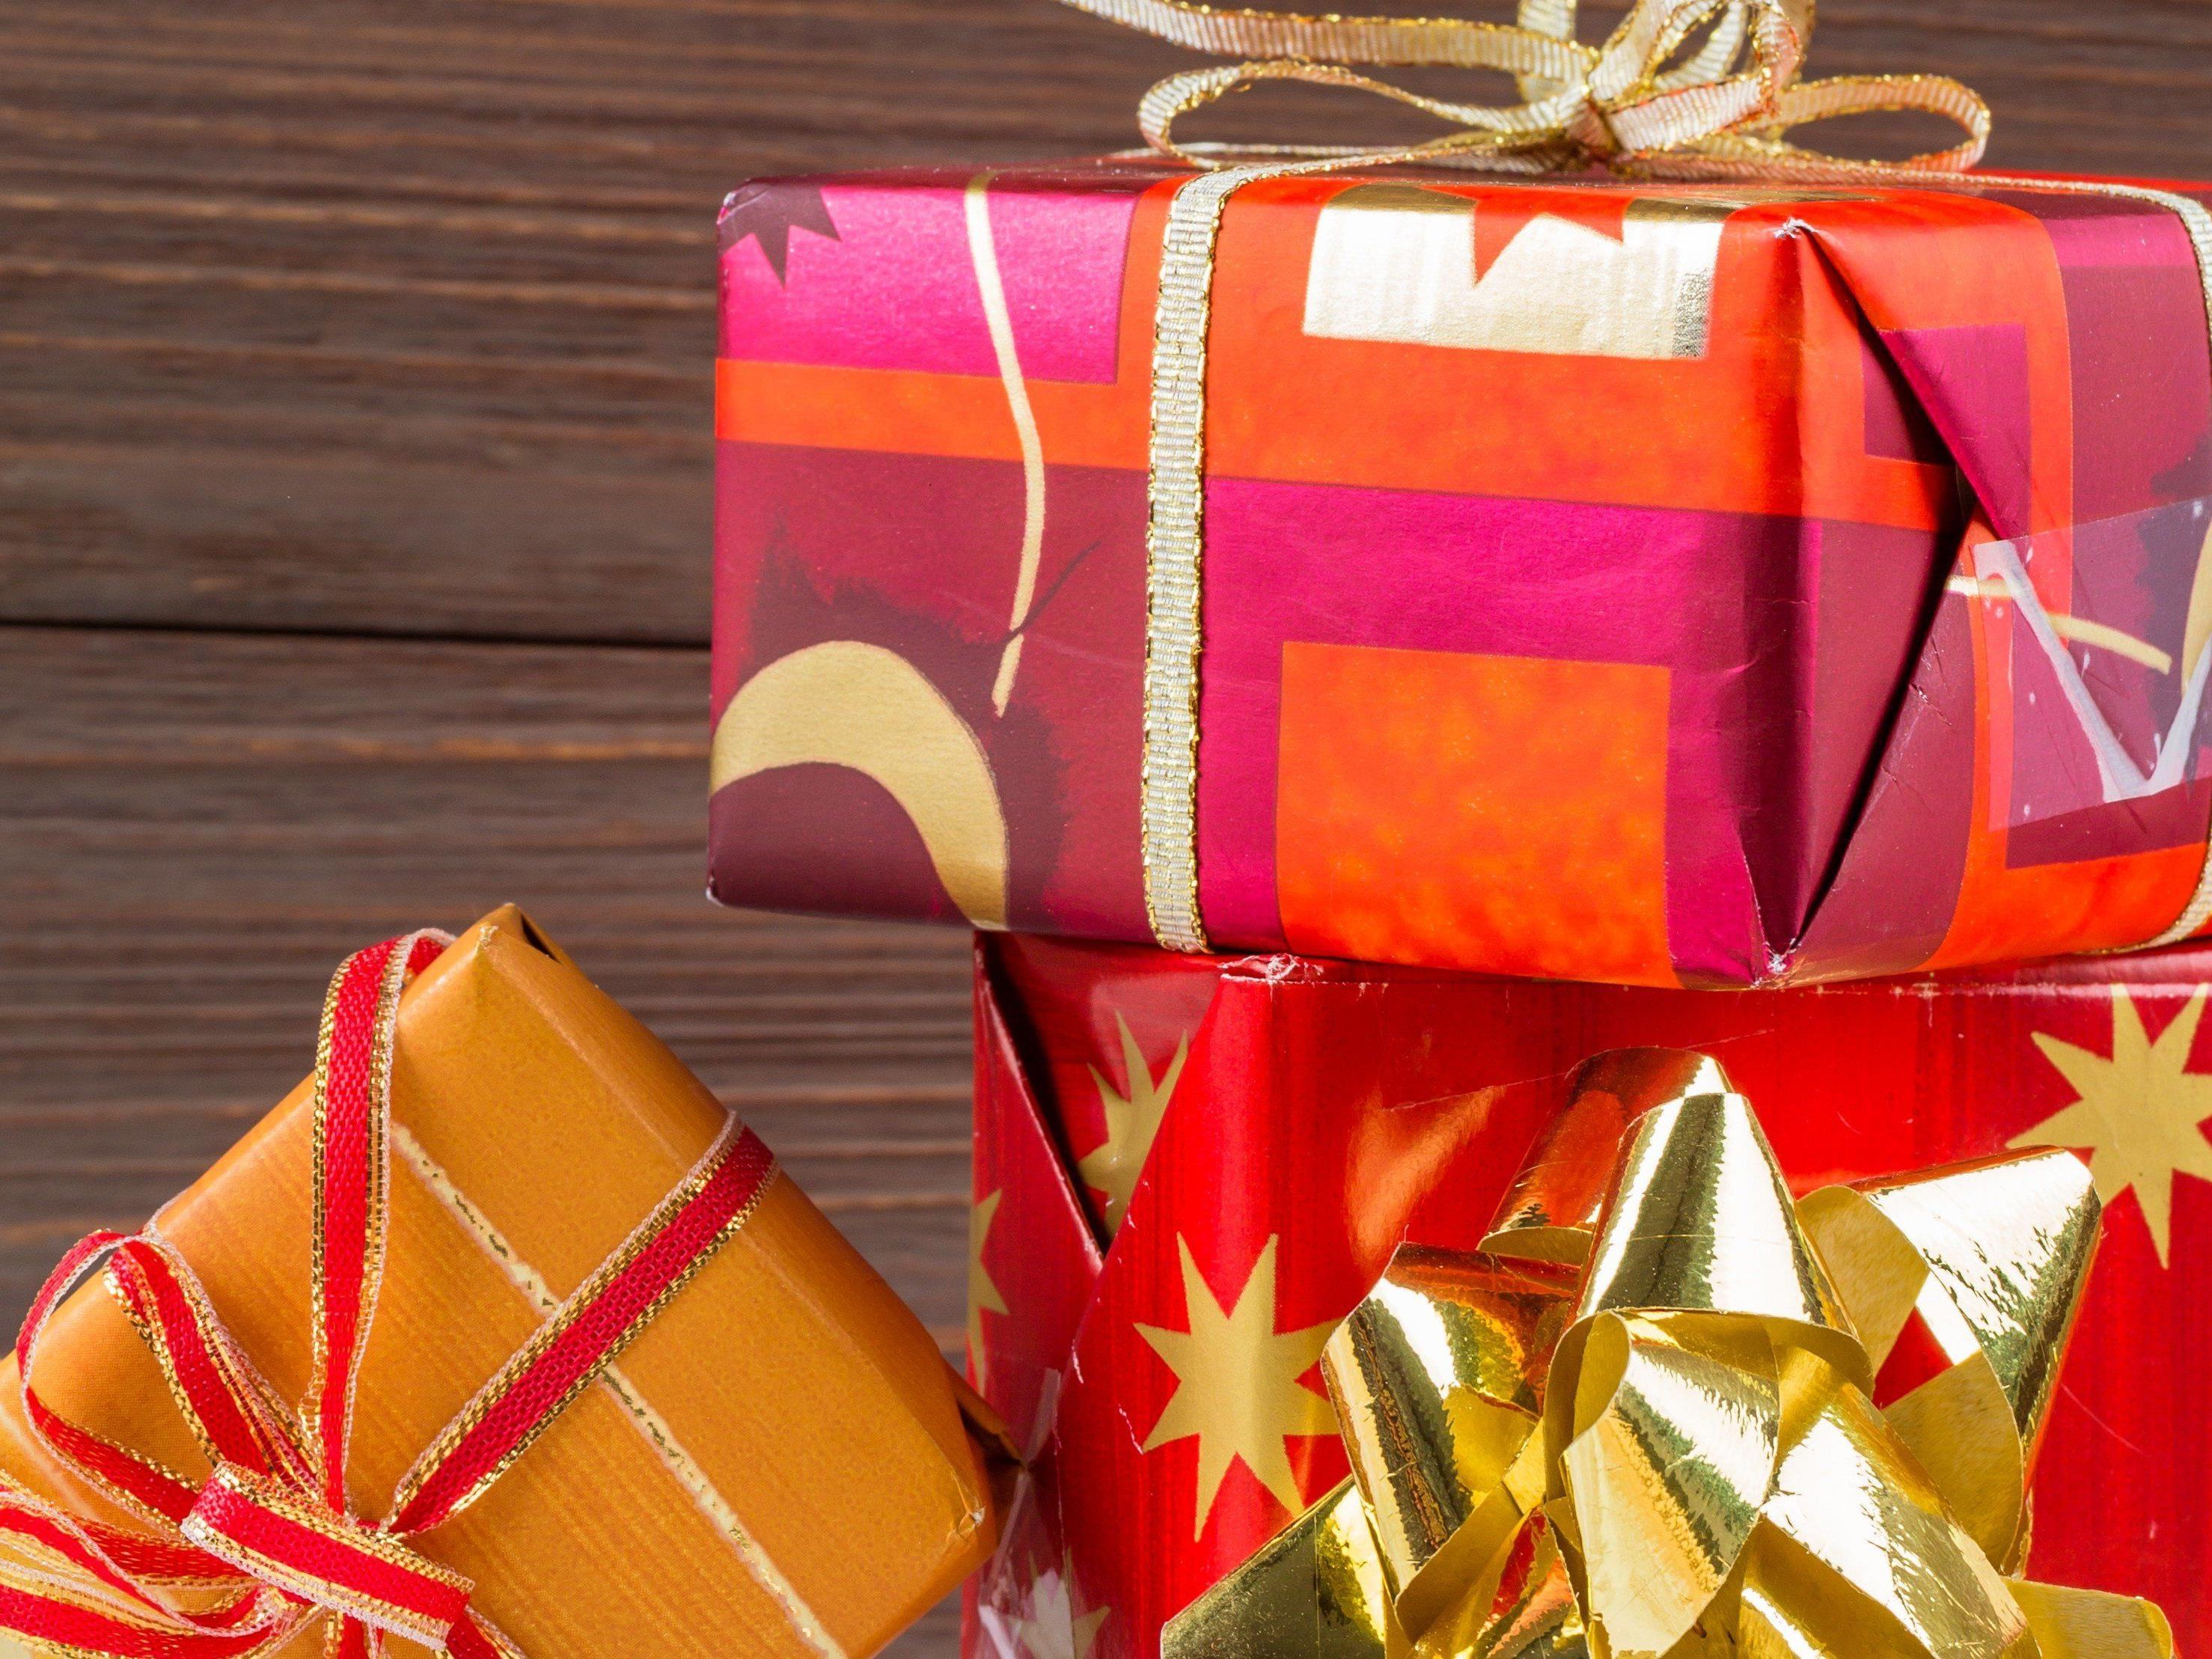 13 günstige Weihnachtsgeschenke, die Freude machen - Vienna ...